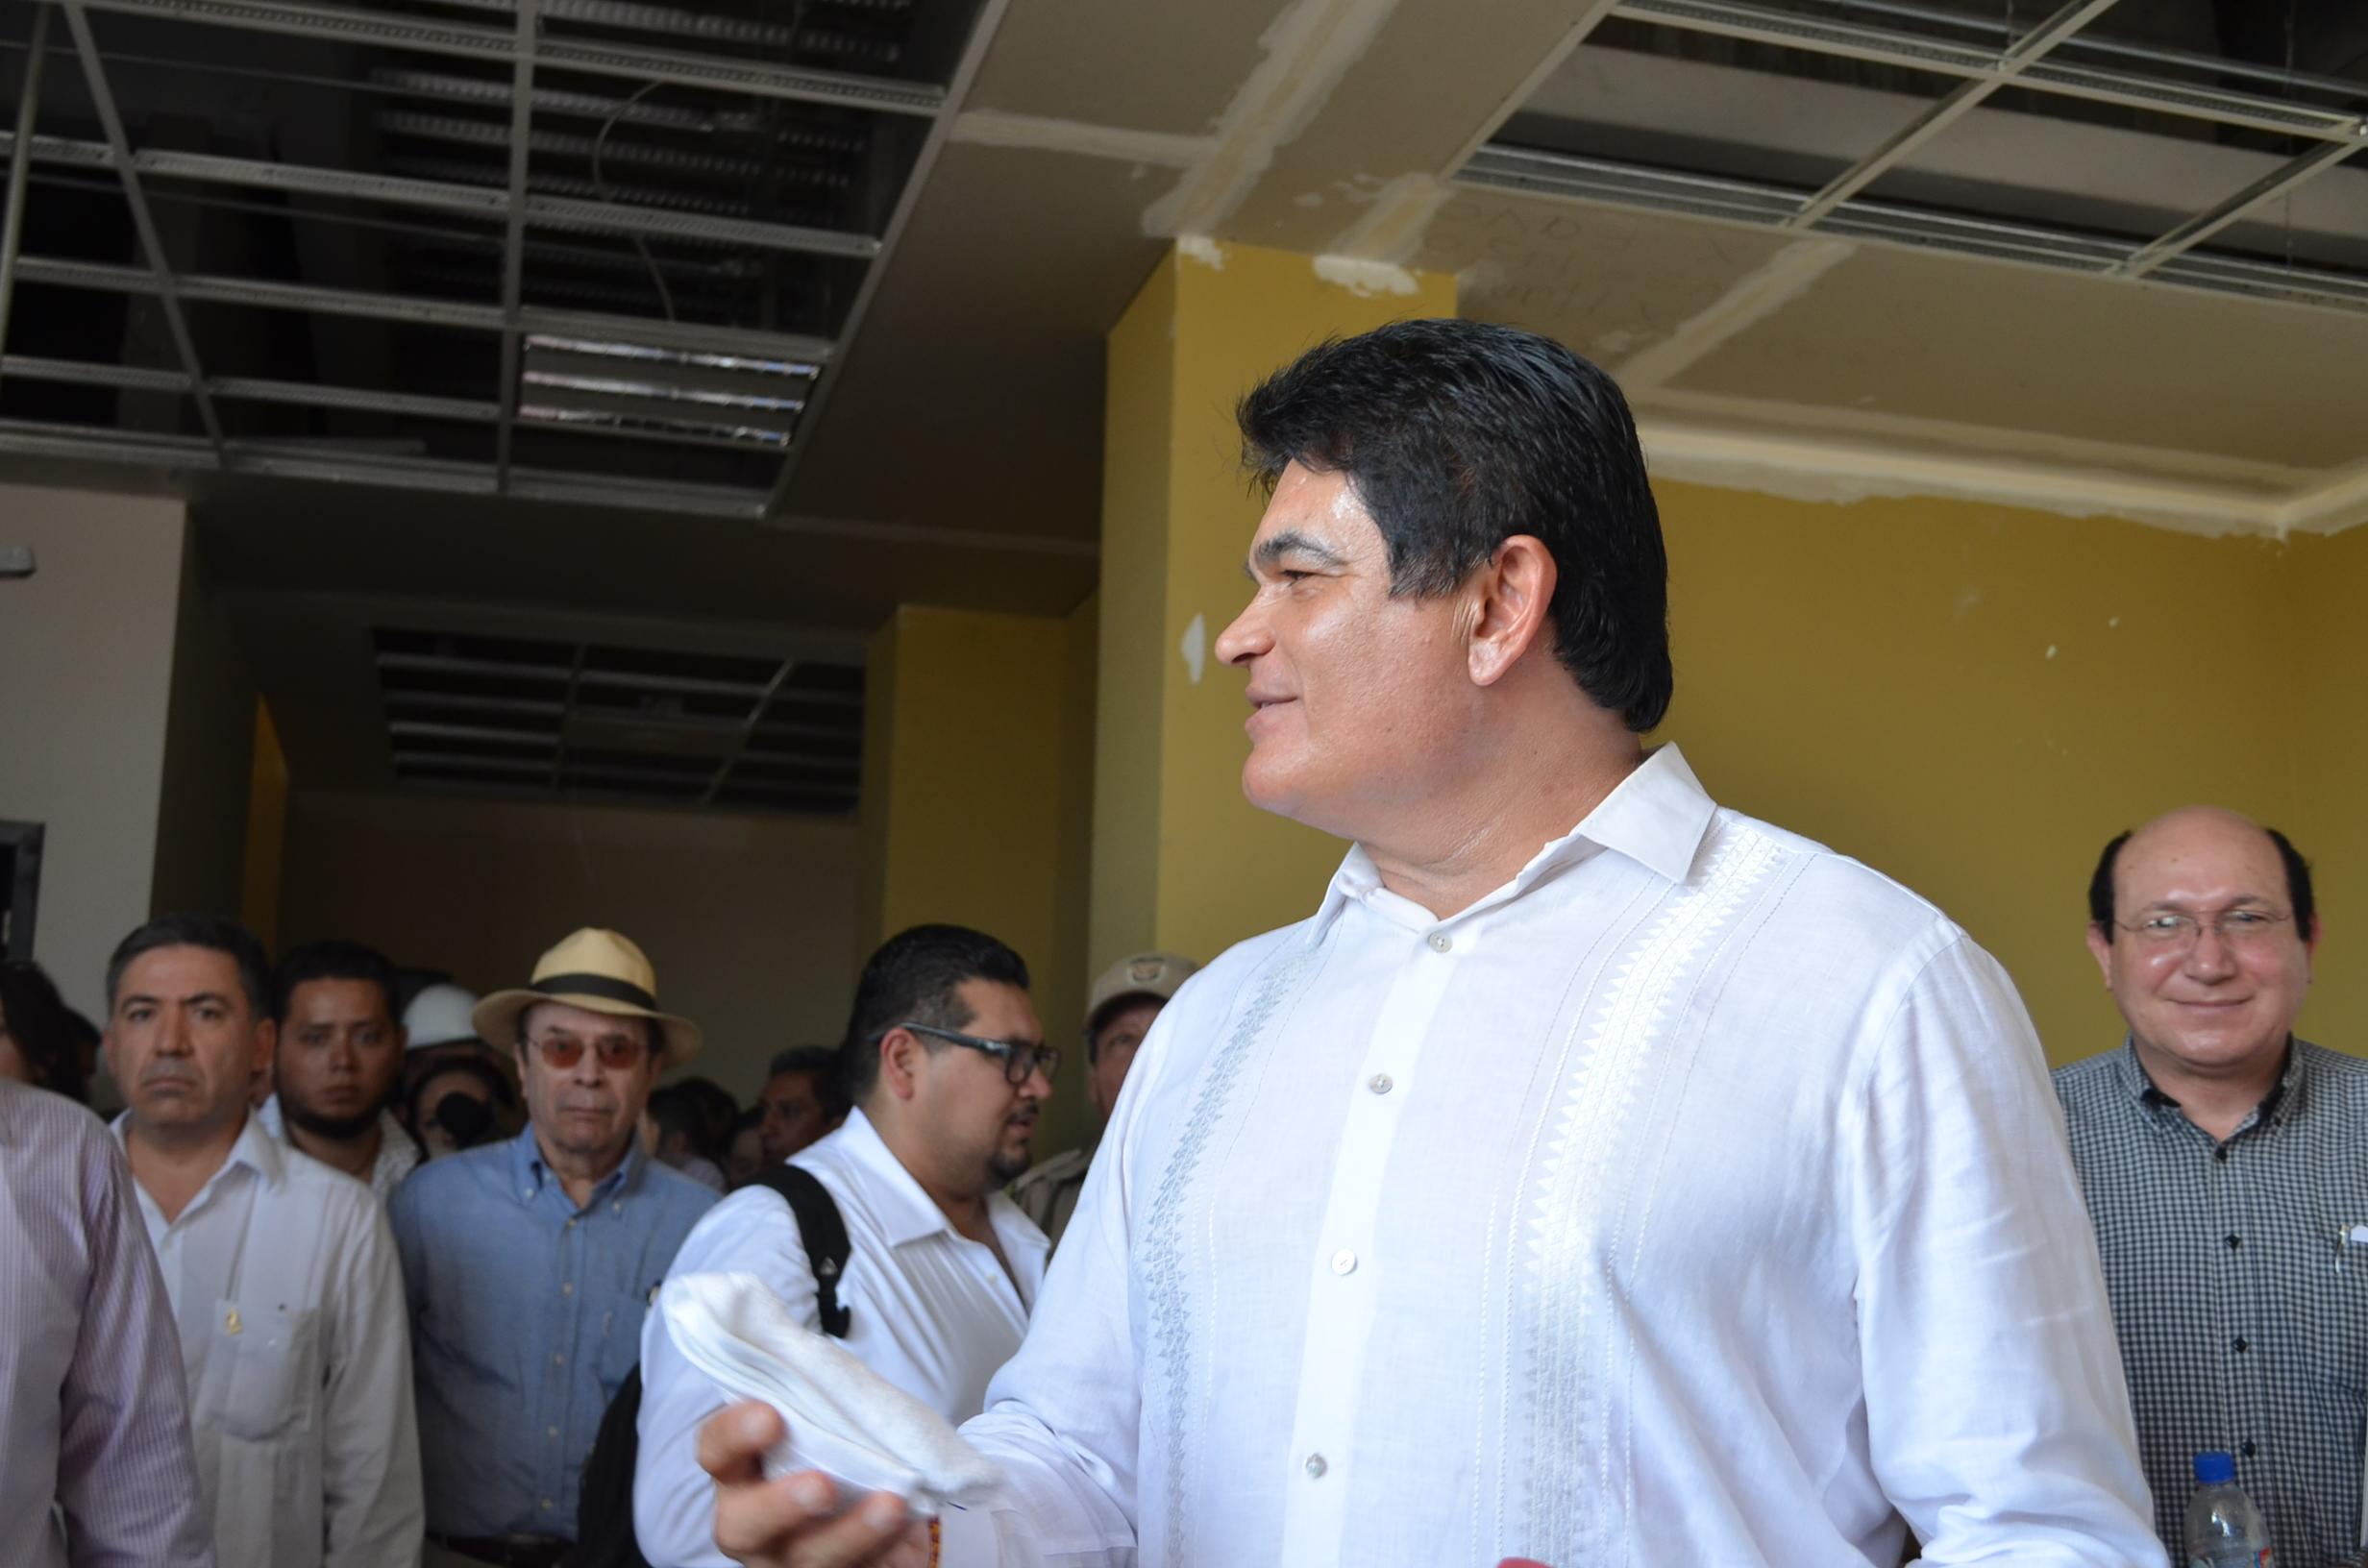 MALOVA manifiesta que se establecerán puntos especiales para el monitoreo de las elecciones. Fotografía: Gabriela Sánchez